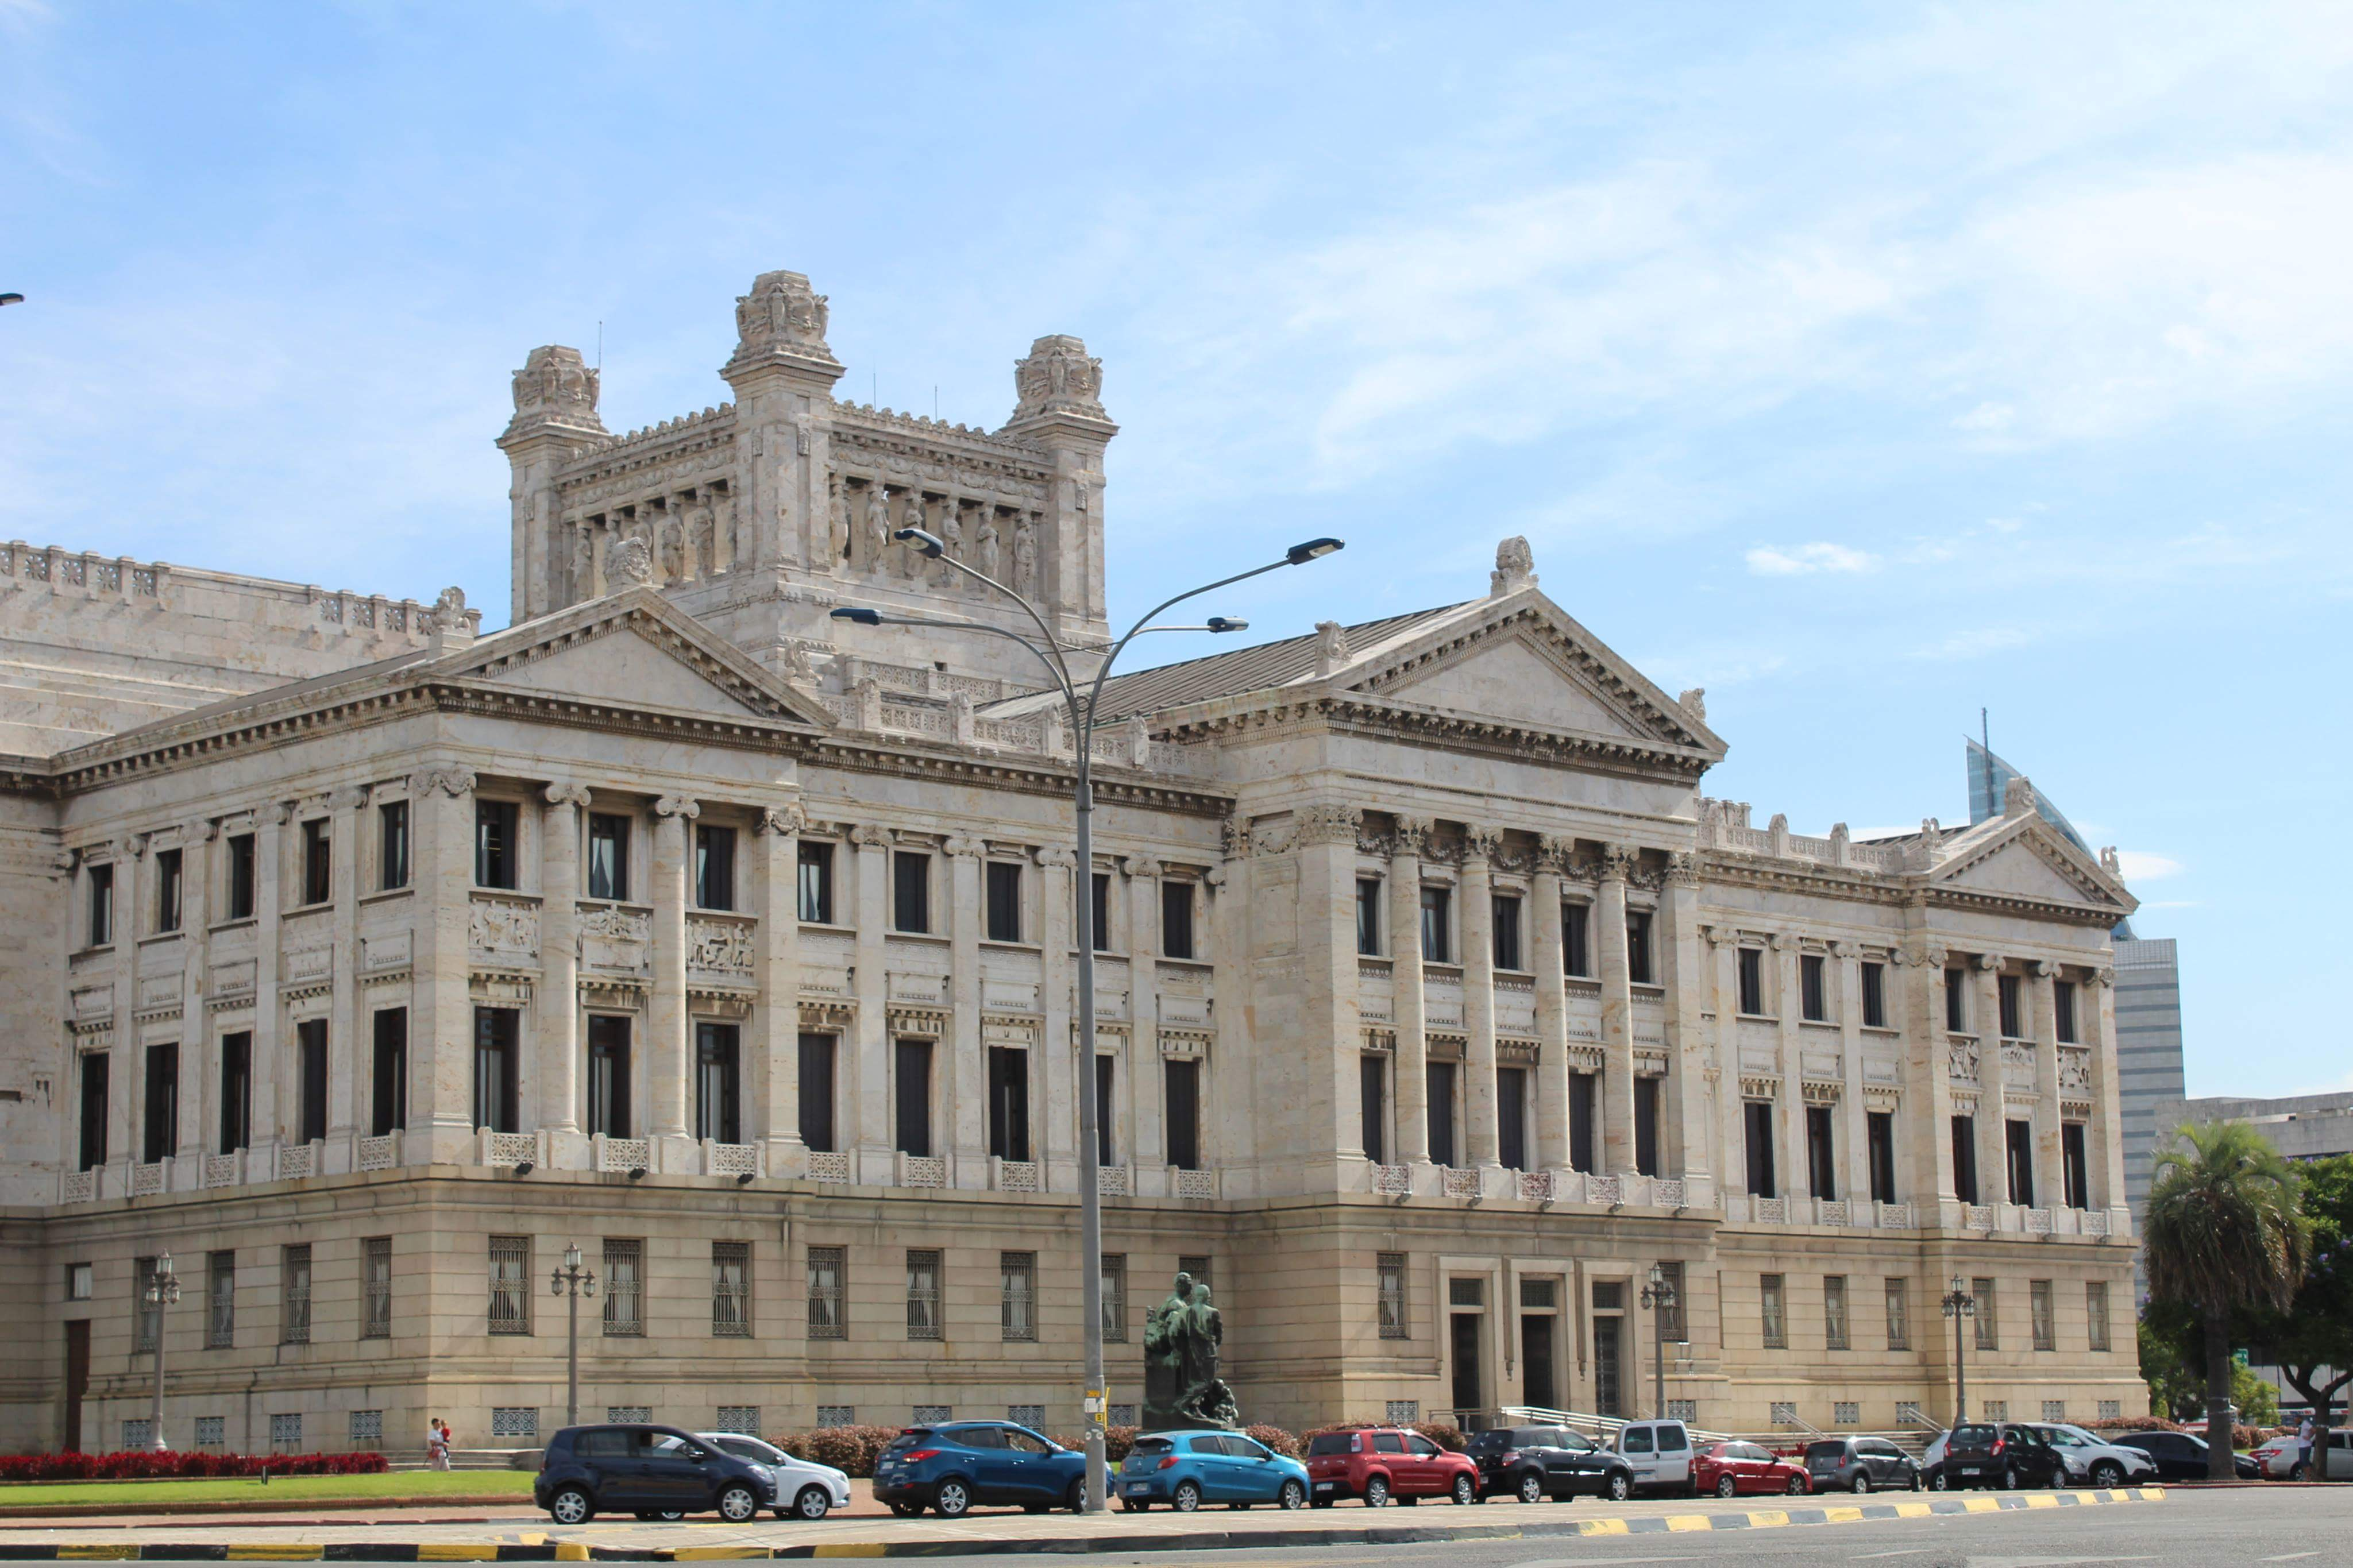 8. kép: Palacio Legislativo